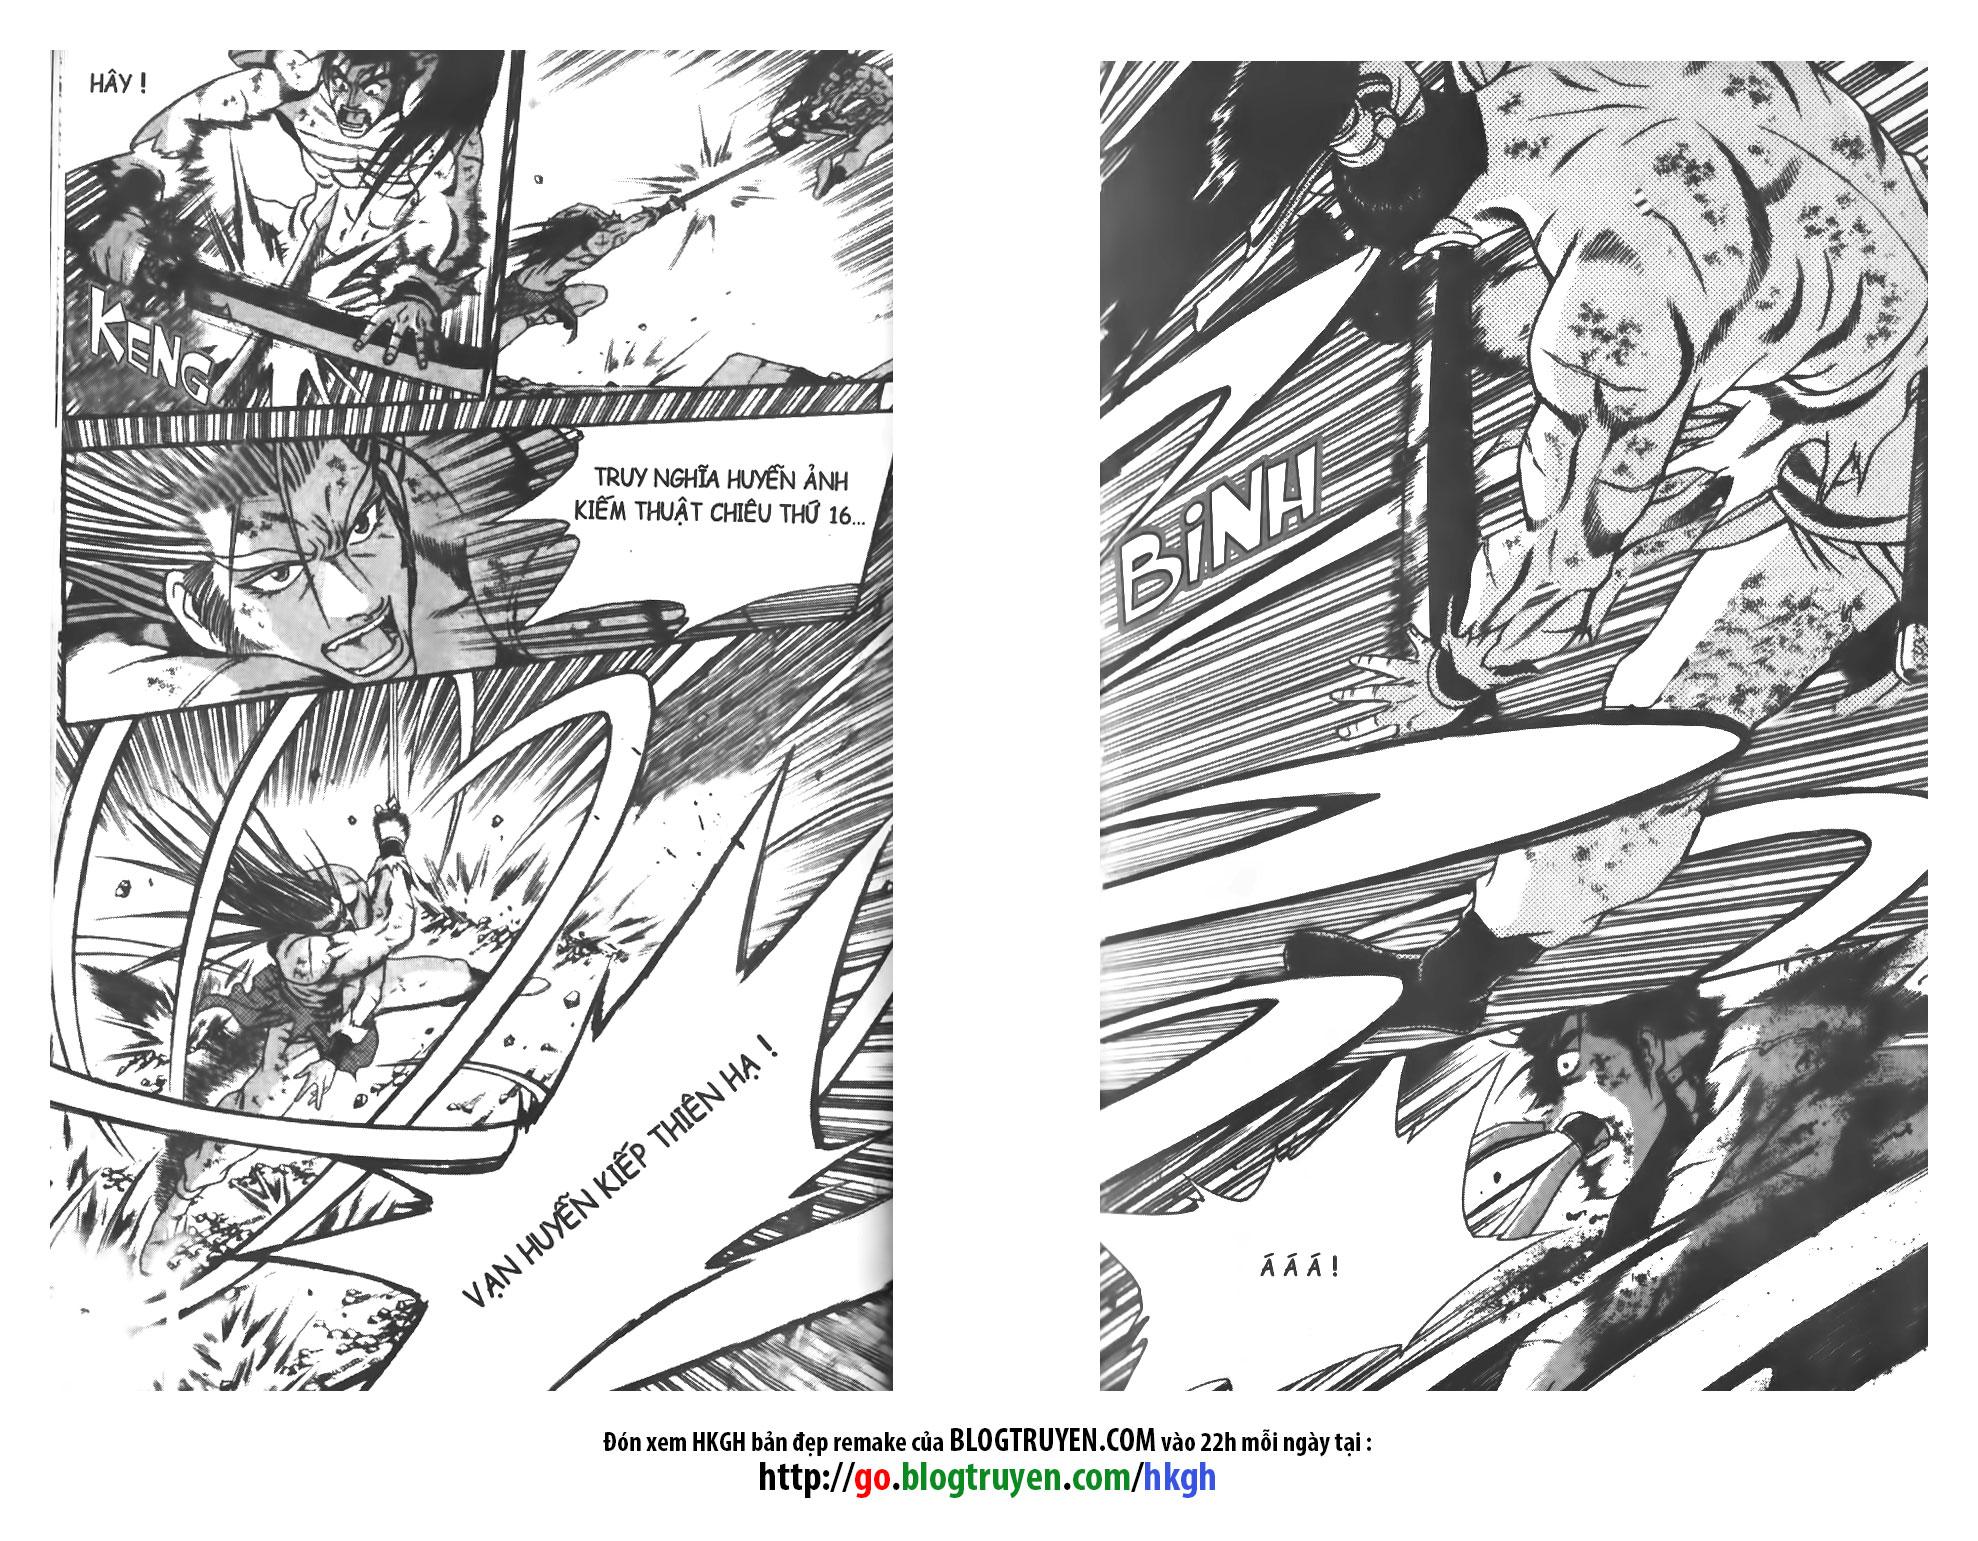 xem truyen moi - Hiệp Khách Giang Hồ Vol31 - Chap 214 - Remake